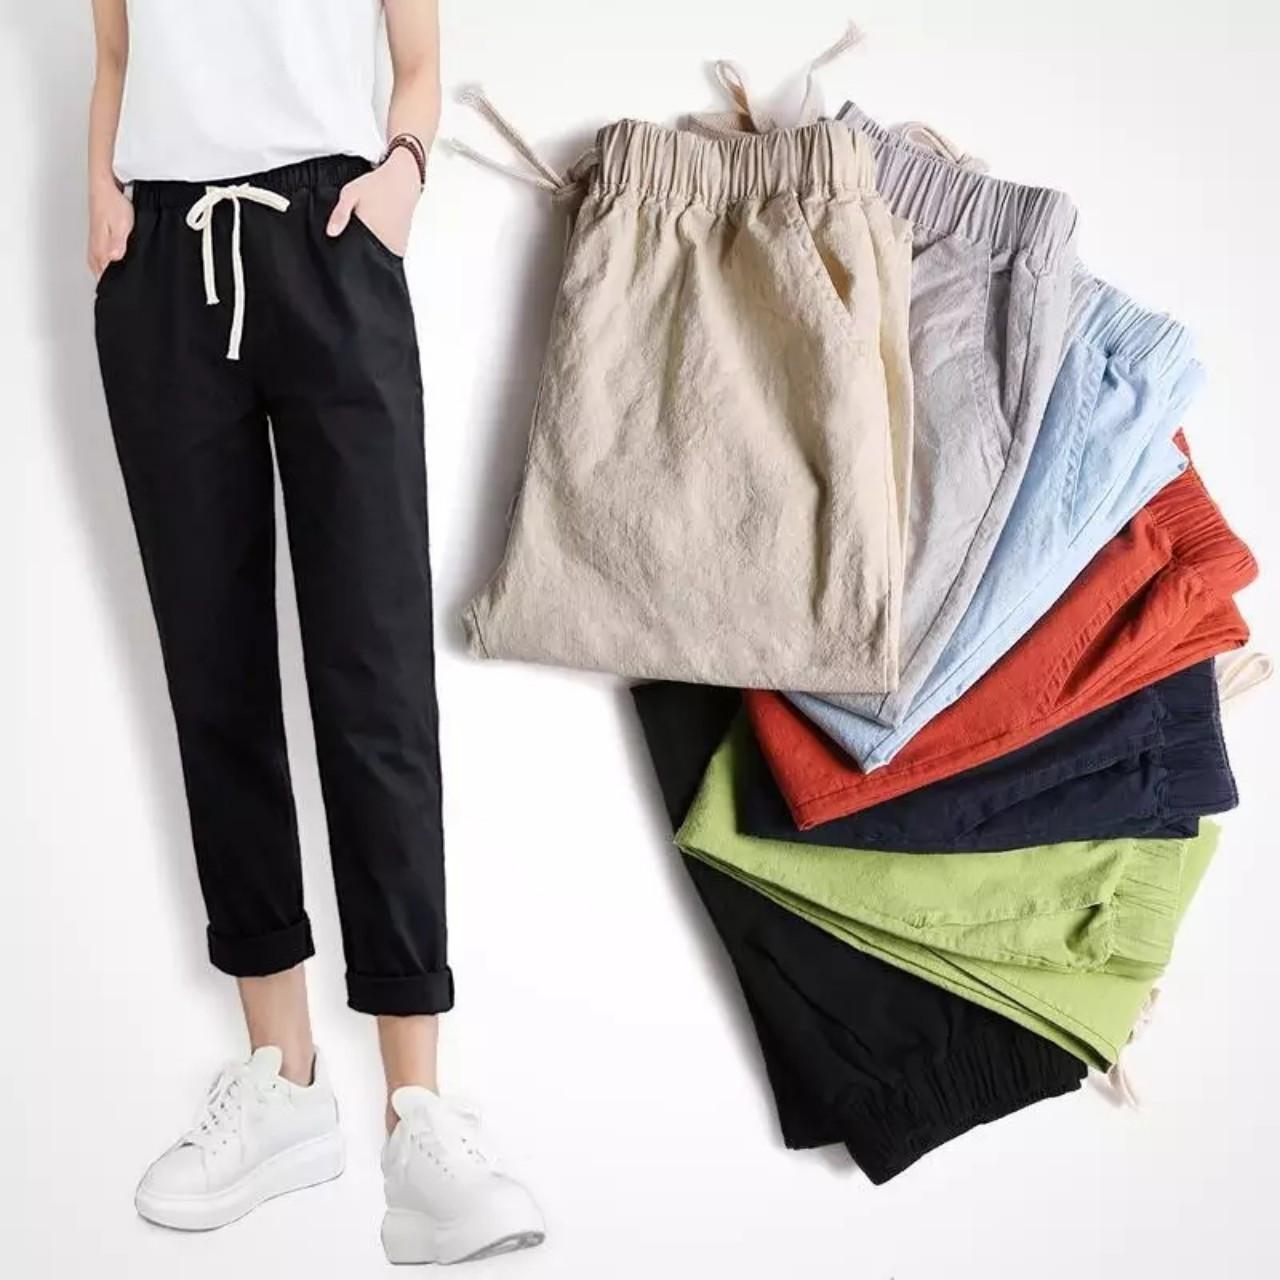 Повседневные хлопковые летние штаны 42-48 (в расцветках)